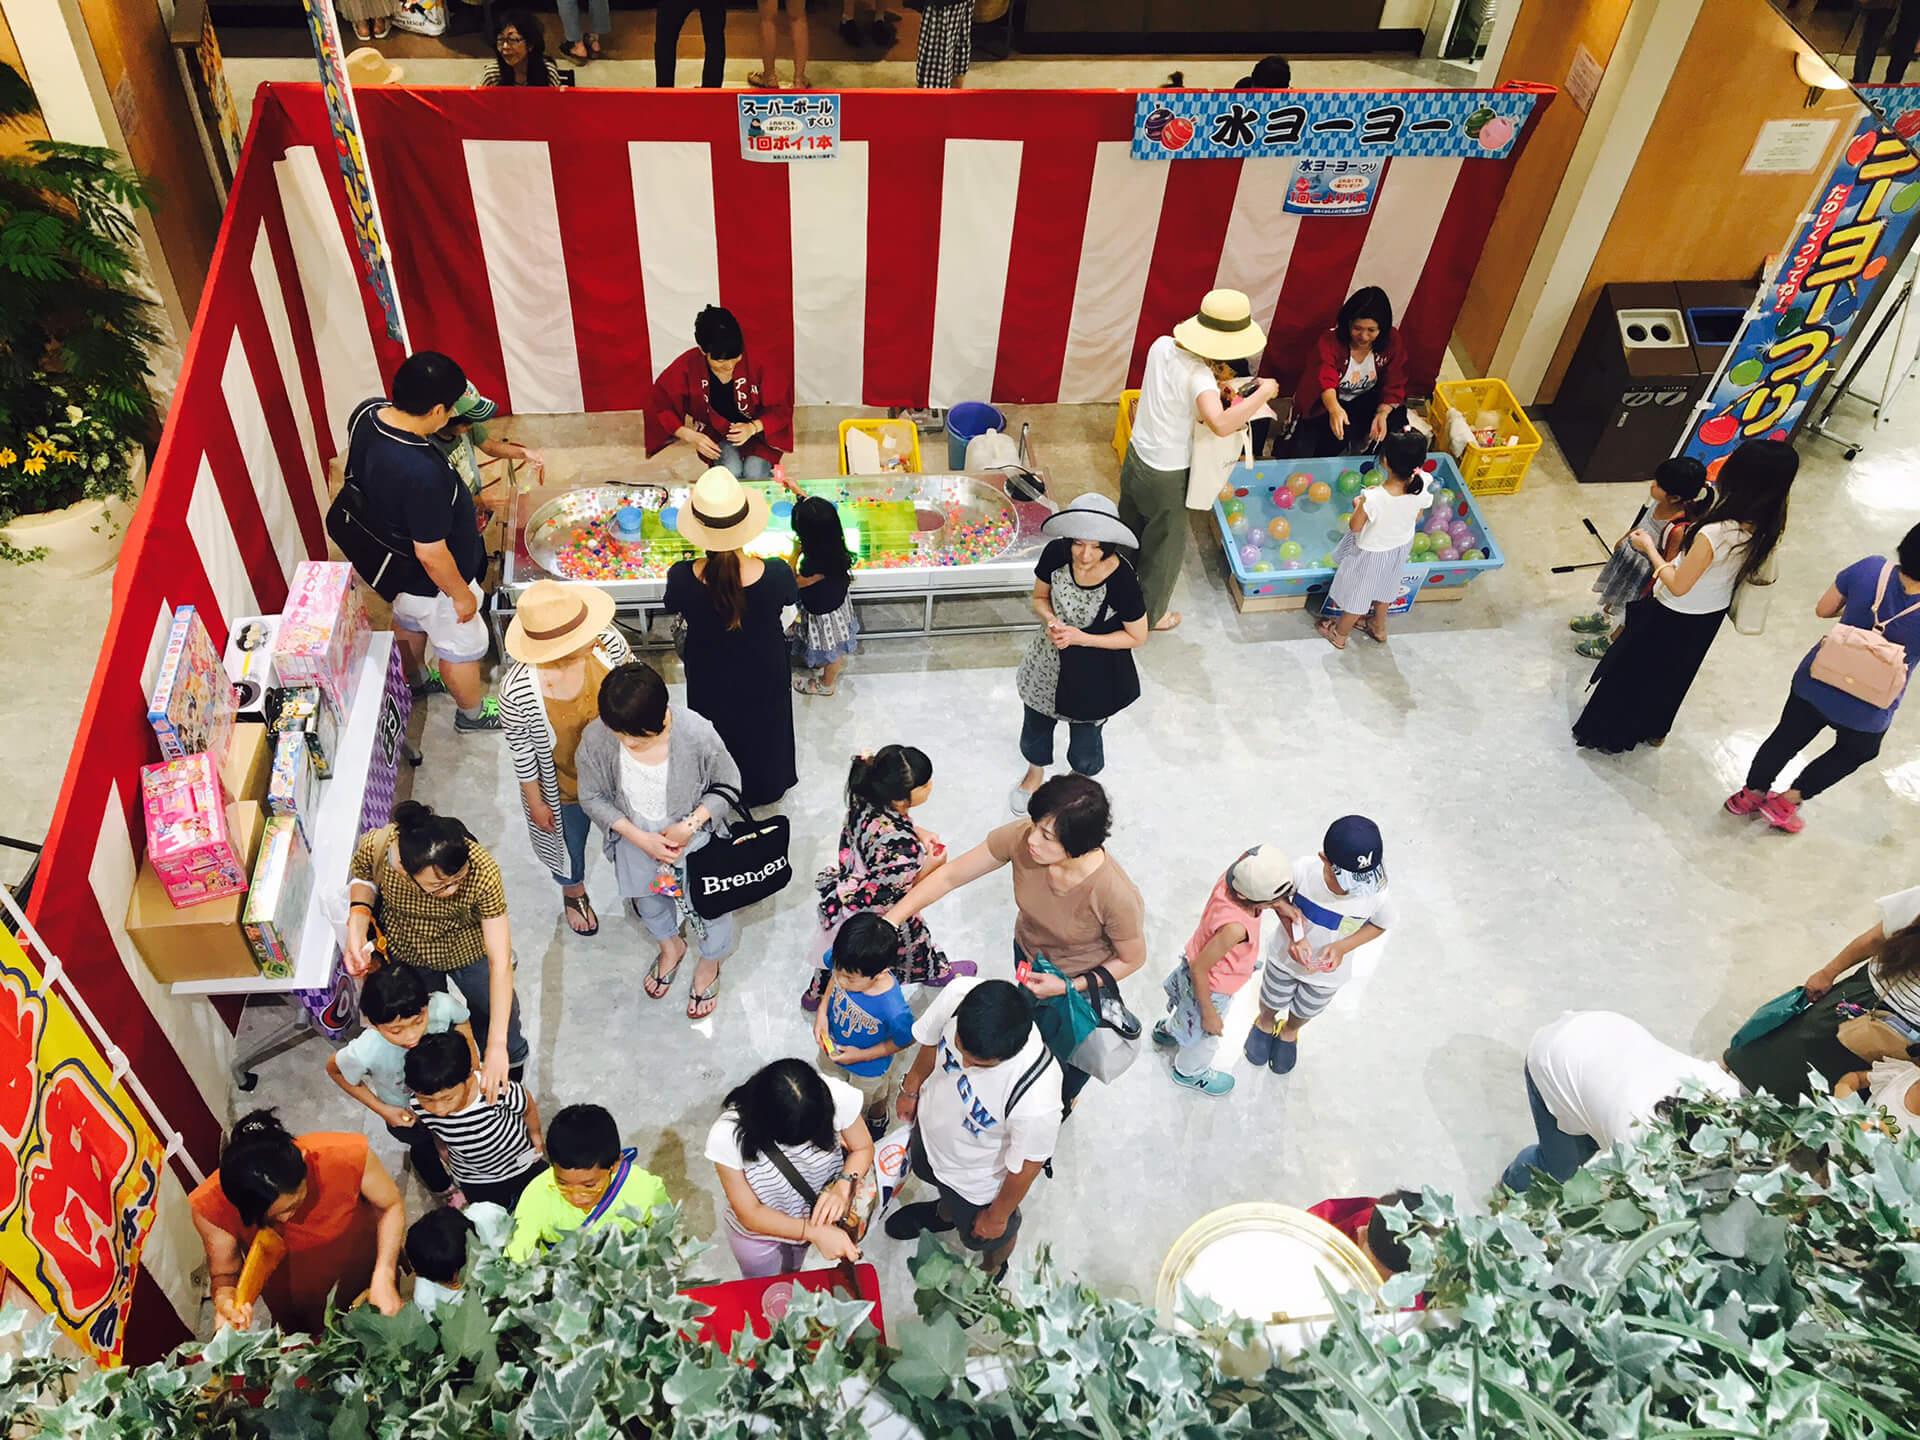 この写真はアトレ新浦安店「サマーカーニバル」の会場に設置される縁日の様子です